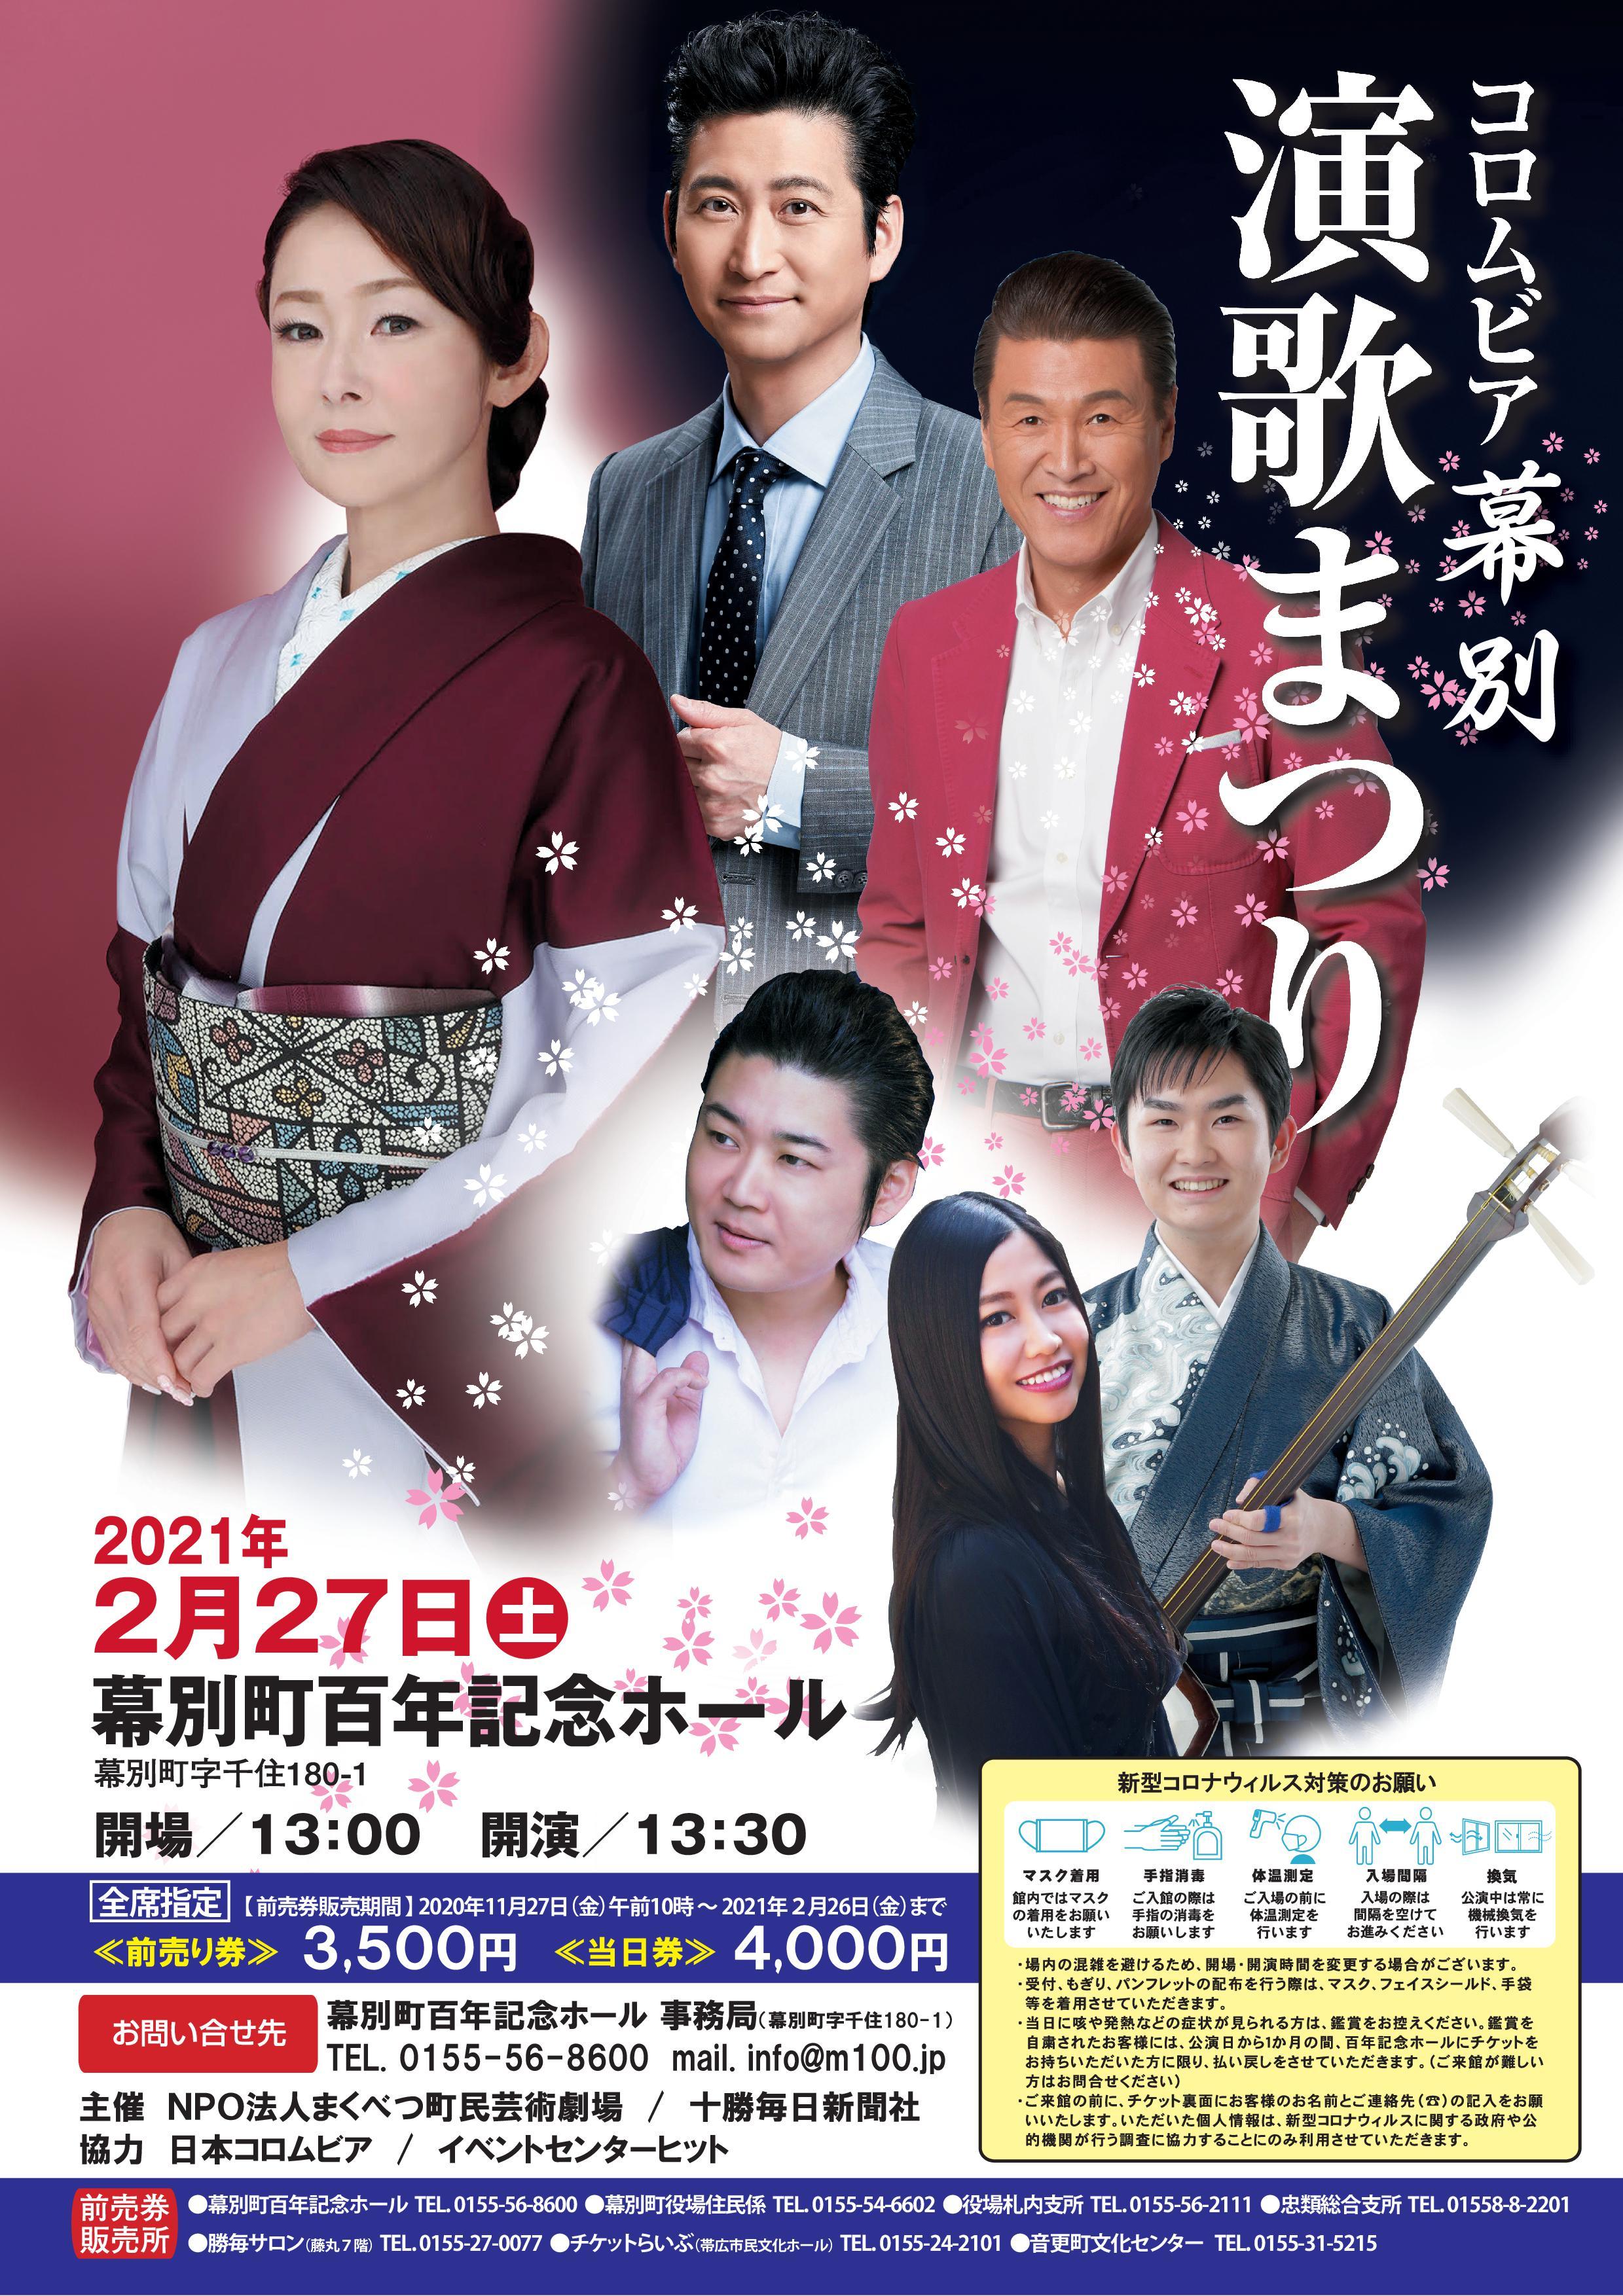 コロムビア 演歌祭り2021年2月27日(土)幕別公演